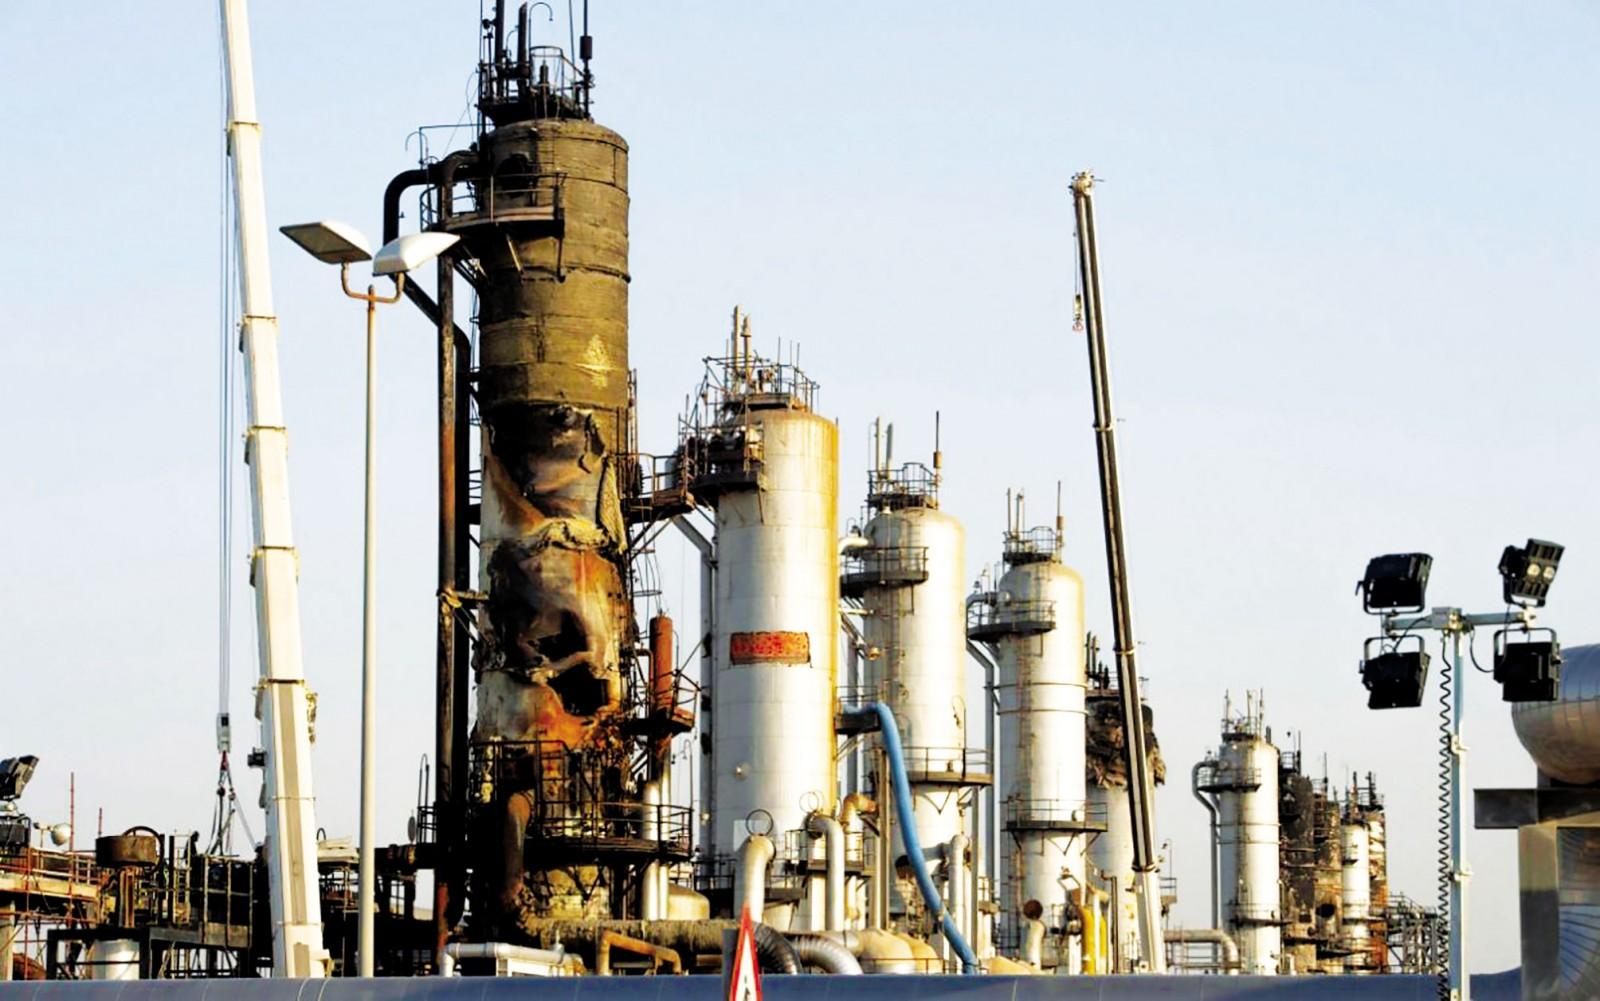 Nhà máy lọc dầu Abqaiq lớn nhất thế giới của Saudi Arabia bị hư hại sau vụ tấn công hôm 14-9. Ảnh: The Telegraph